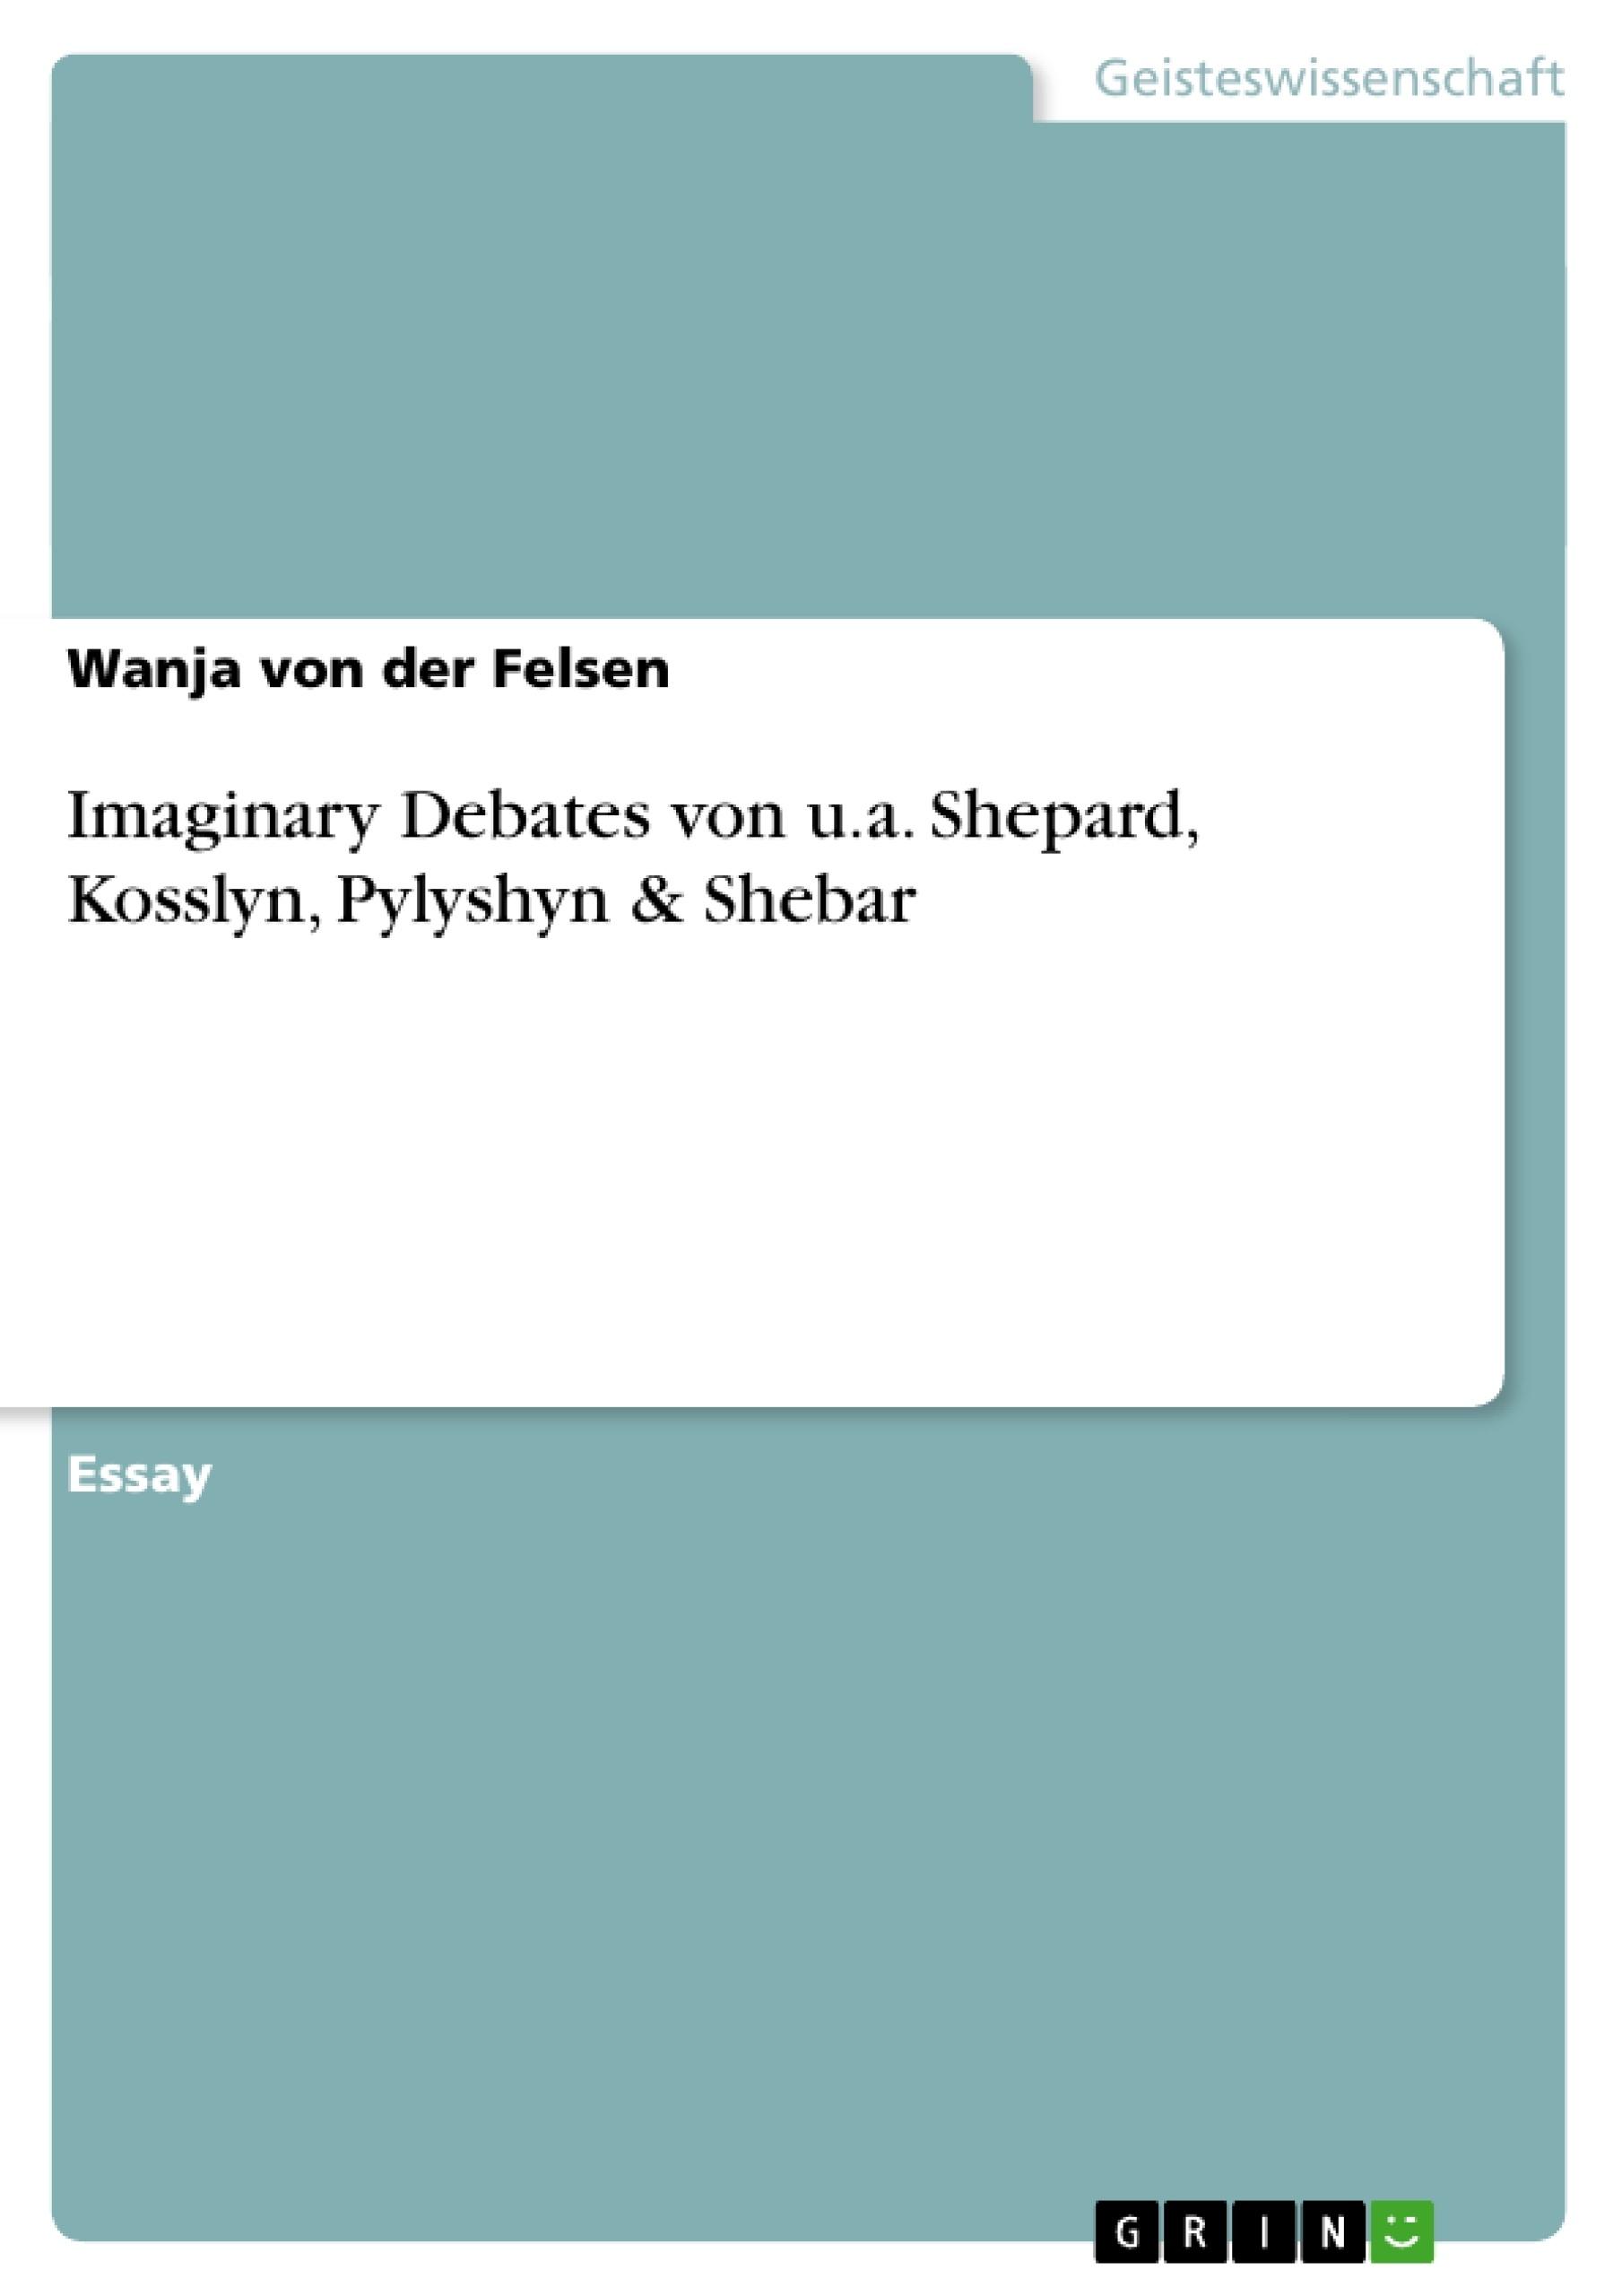 Titel: Imaginary Debates von u.a. Shepard, Kosslyn, Pylyshyn & Shebar